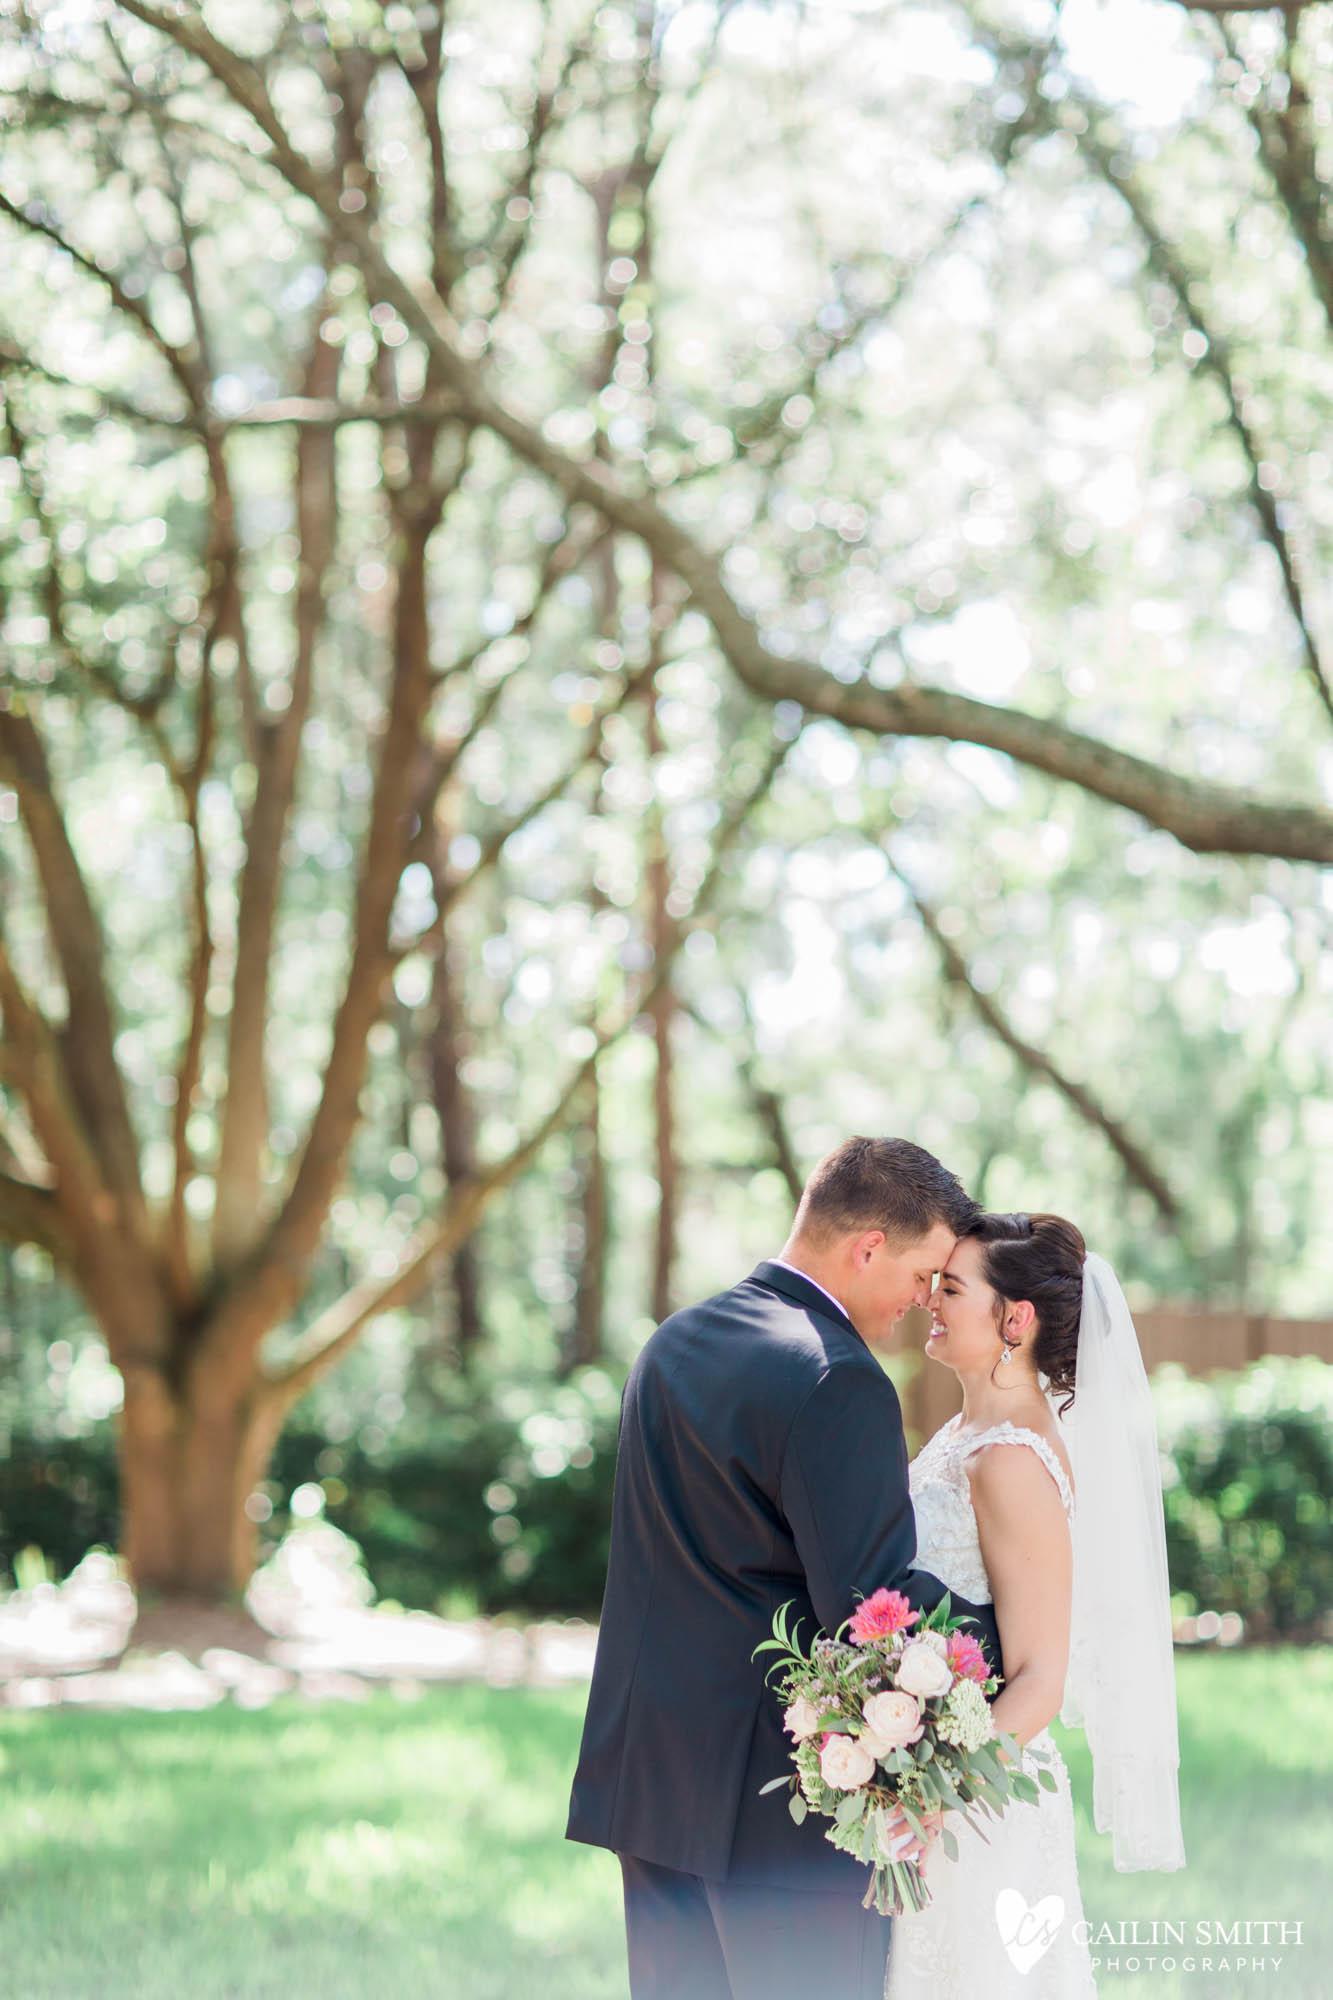 Bethany_Kyle_Bowing_Oaks_Plantation_Wedding_Photography_0049.jpg